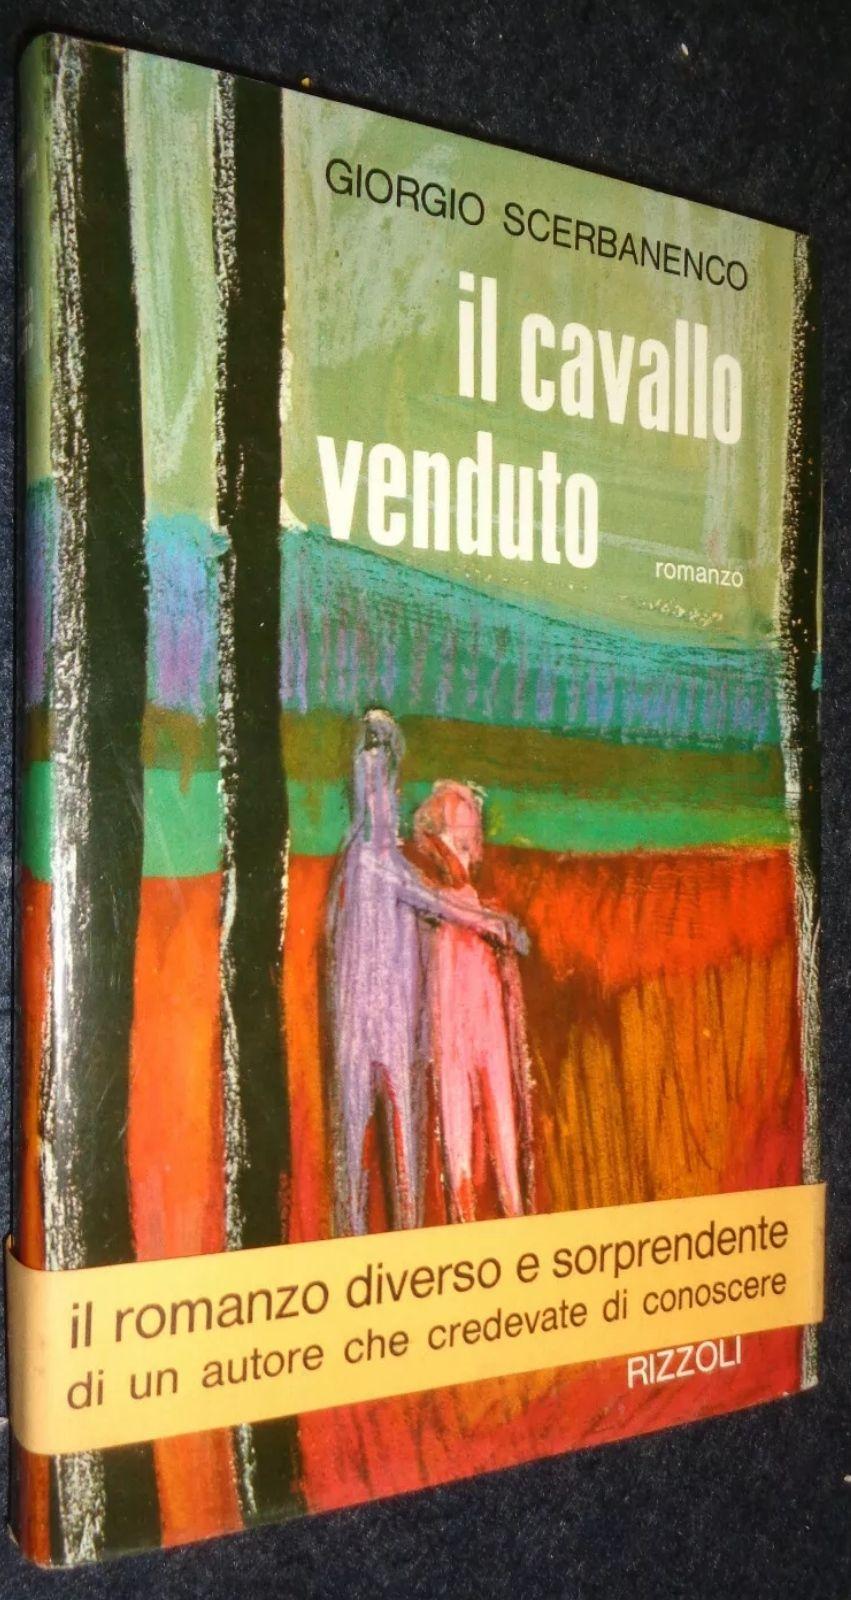 IL CAVALLO VENDUTO – GIORGIO SCERBANENCO CON FASCETTA 1ª ED 1963 RIZZOLI – 29,99€